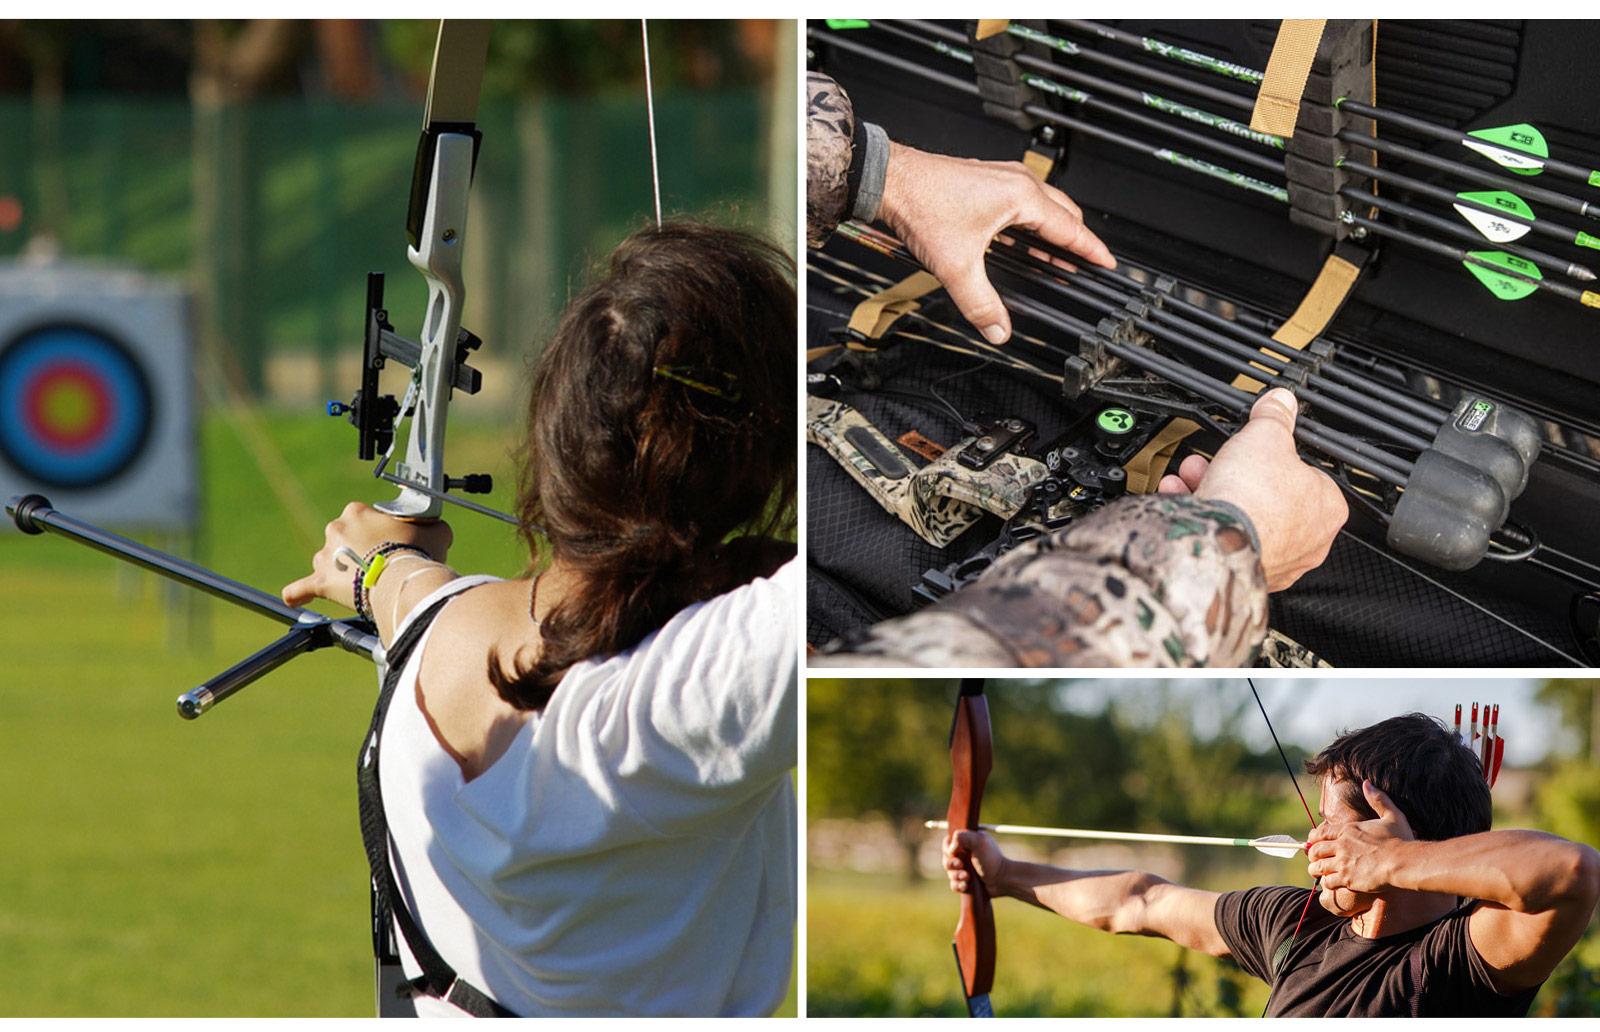 tips bullseye archery aim skill